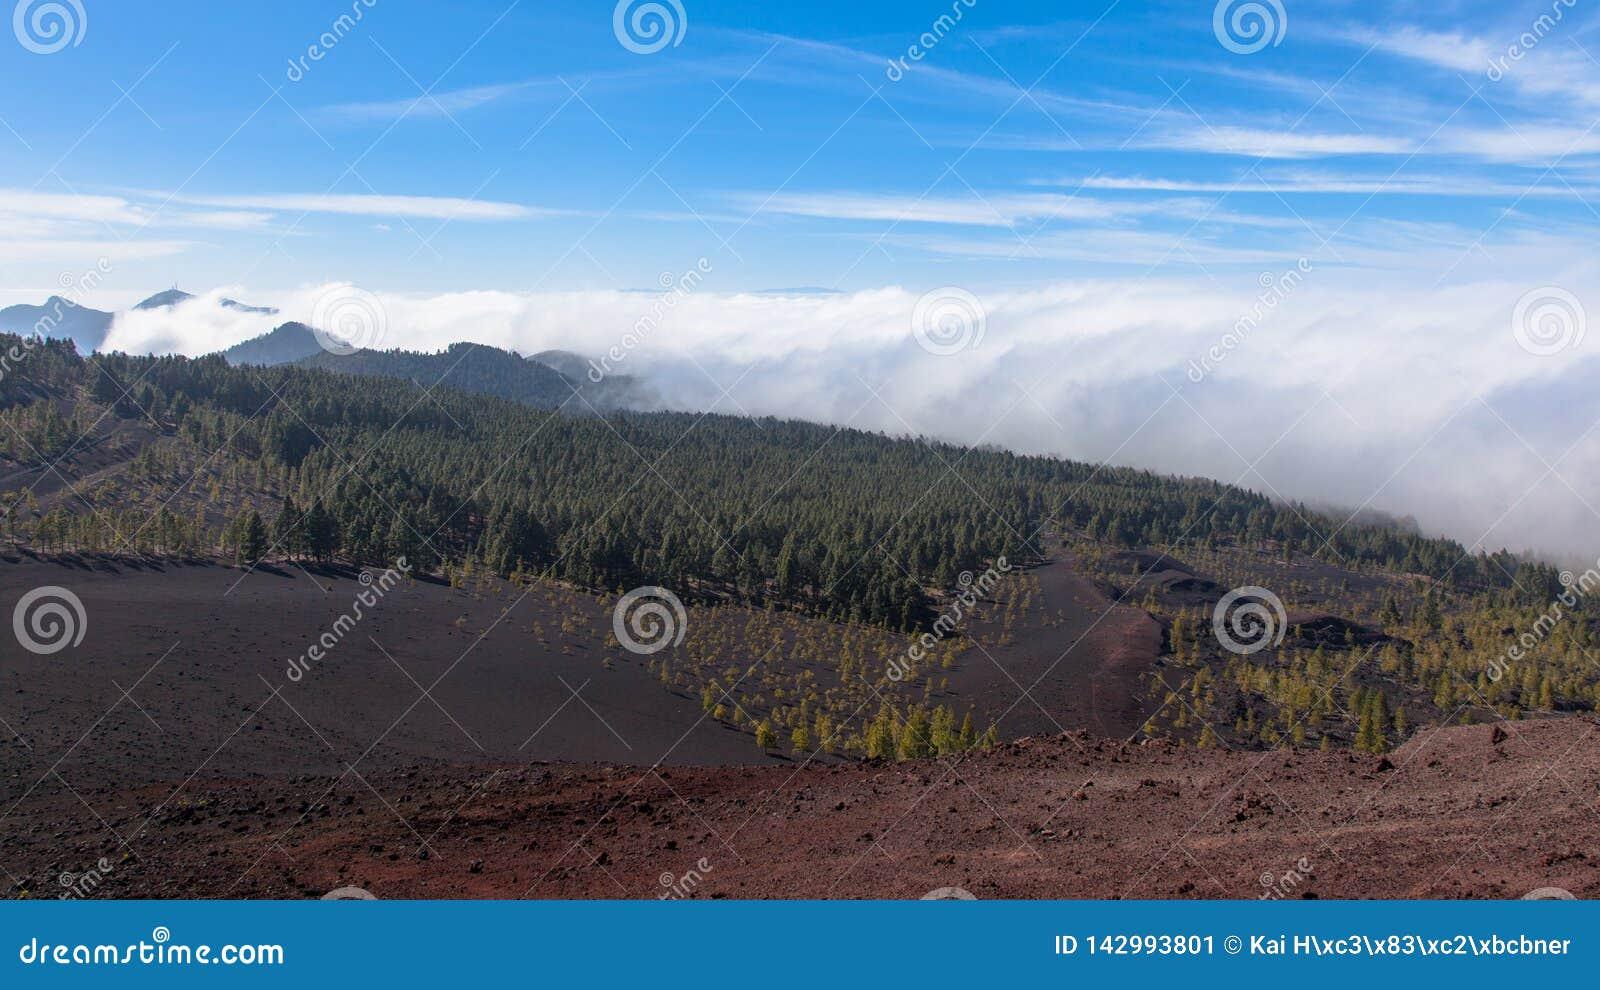 Bemerkenswerte ornographic Wasserfallwolken, die über der Lee- Steigung von Bergen auf Nord-Teneriffa verschüttet werden